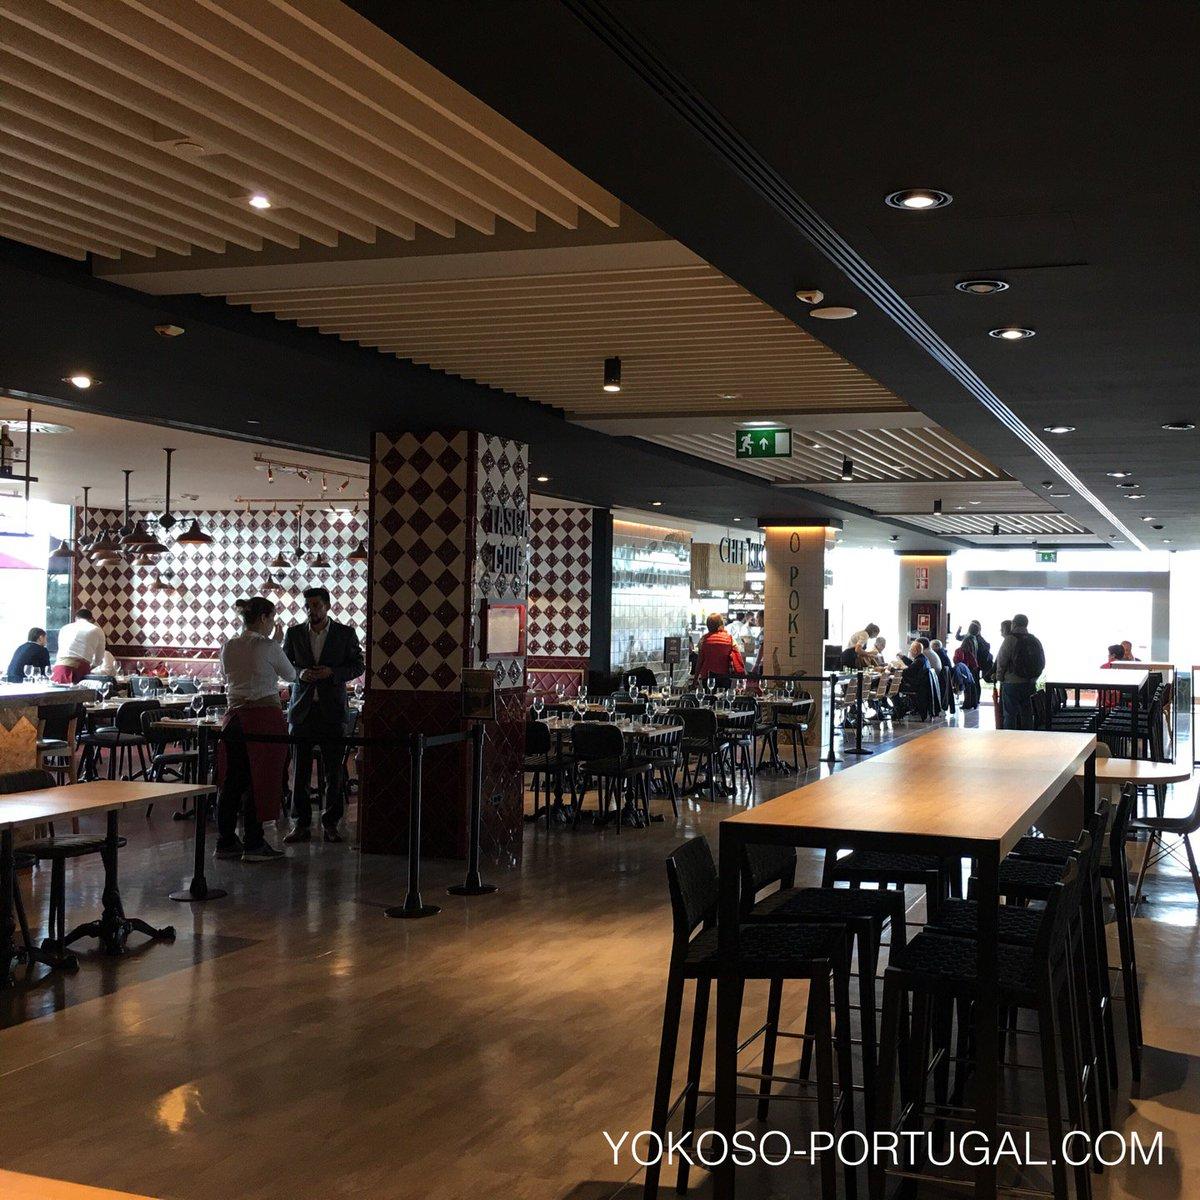 test ツイッターメディア - リスボンのデパート、El Corte Ingles。7階のトップフロアーにオープンしたフードコートは、リスボンの人気レストランが入っています。晴れの日はテラスでの食事がおすすめです。 (@ El Corte Inglés in Lisboa) https://t.co/2rcgWcla2h https://t.co/HTRWoTPJHn